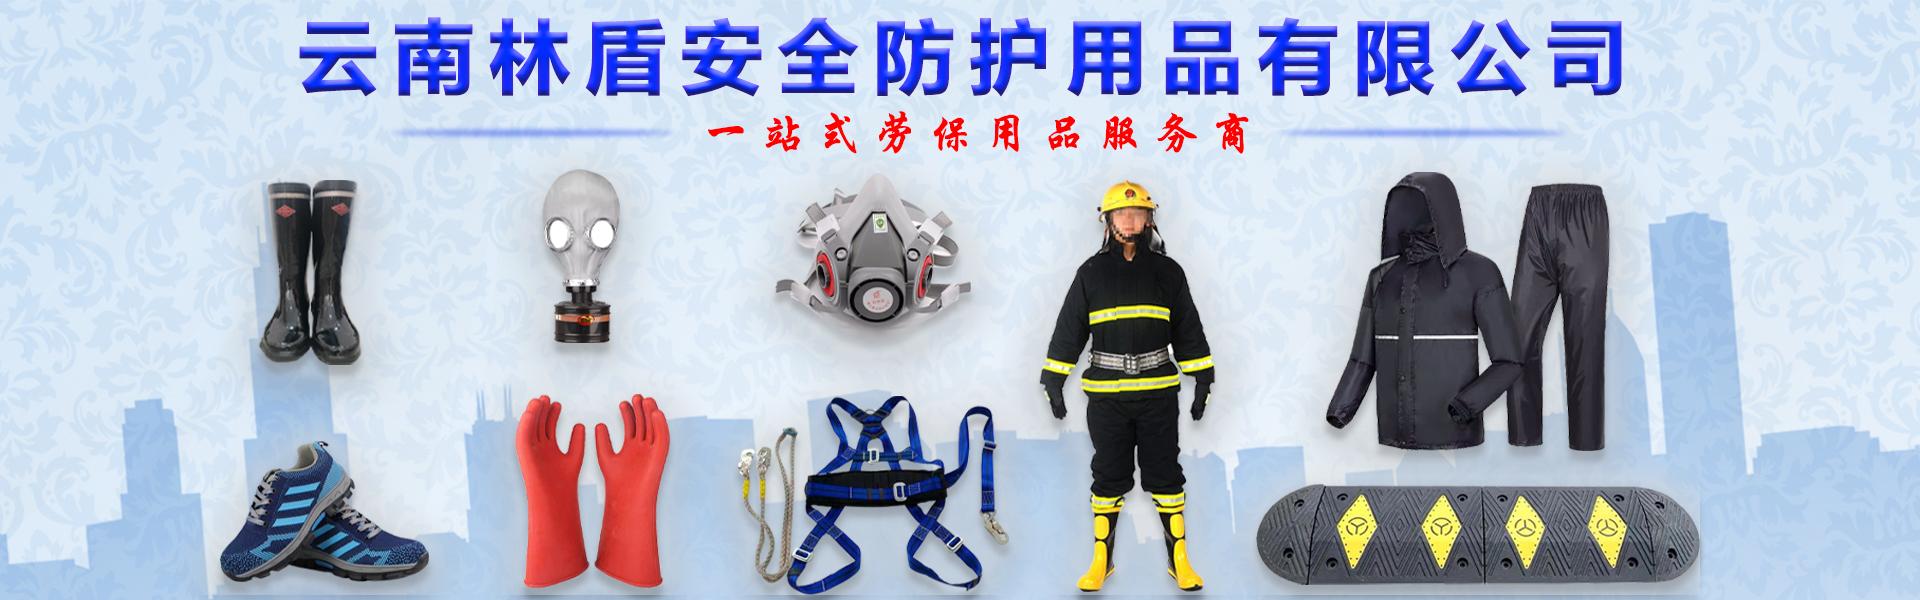 安全防护用品厂家新闻